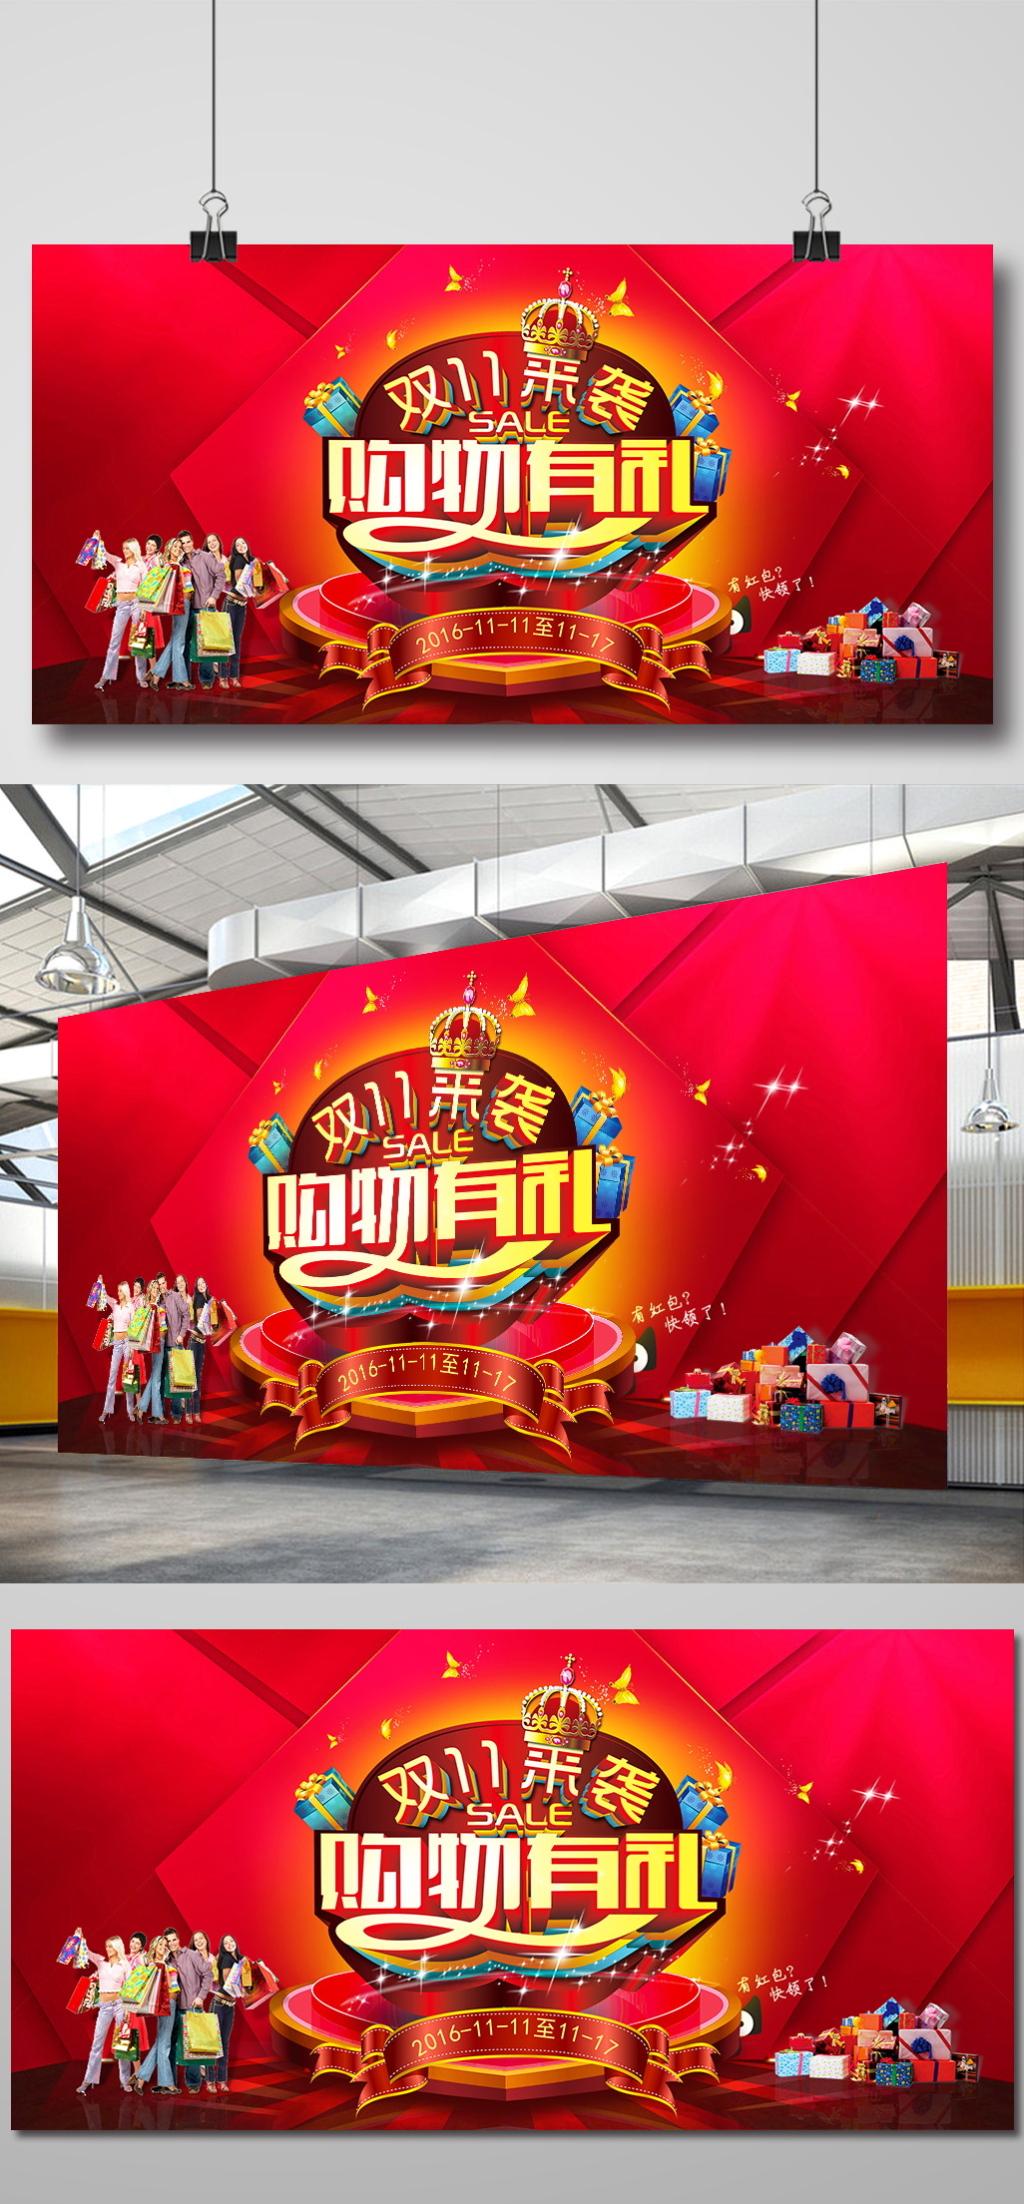 2017双十一活动促销海报模板图片